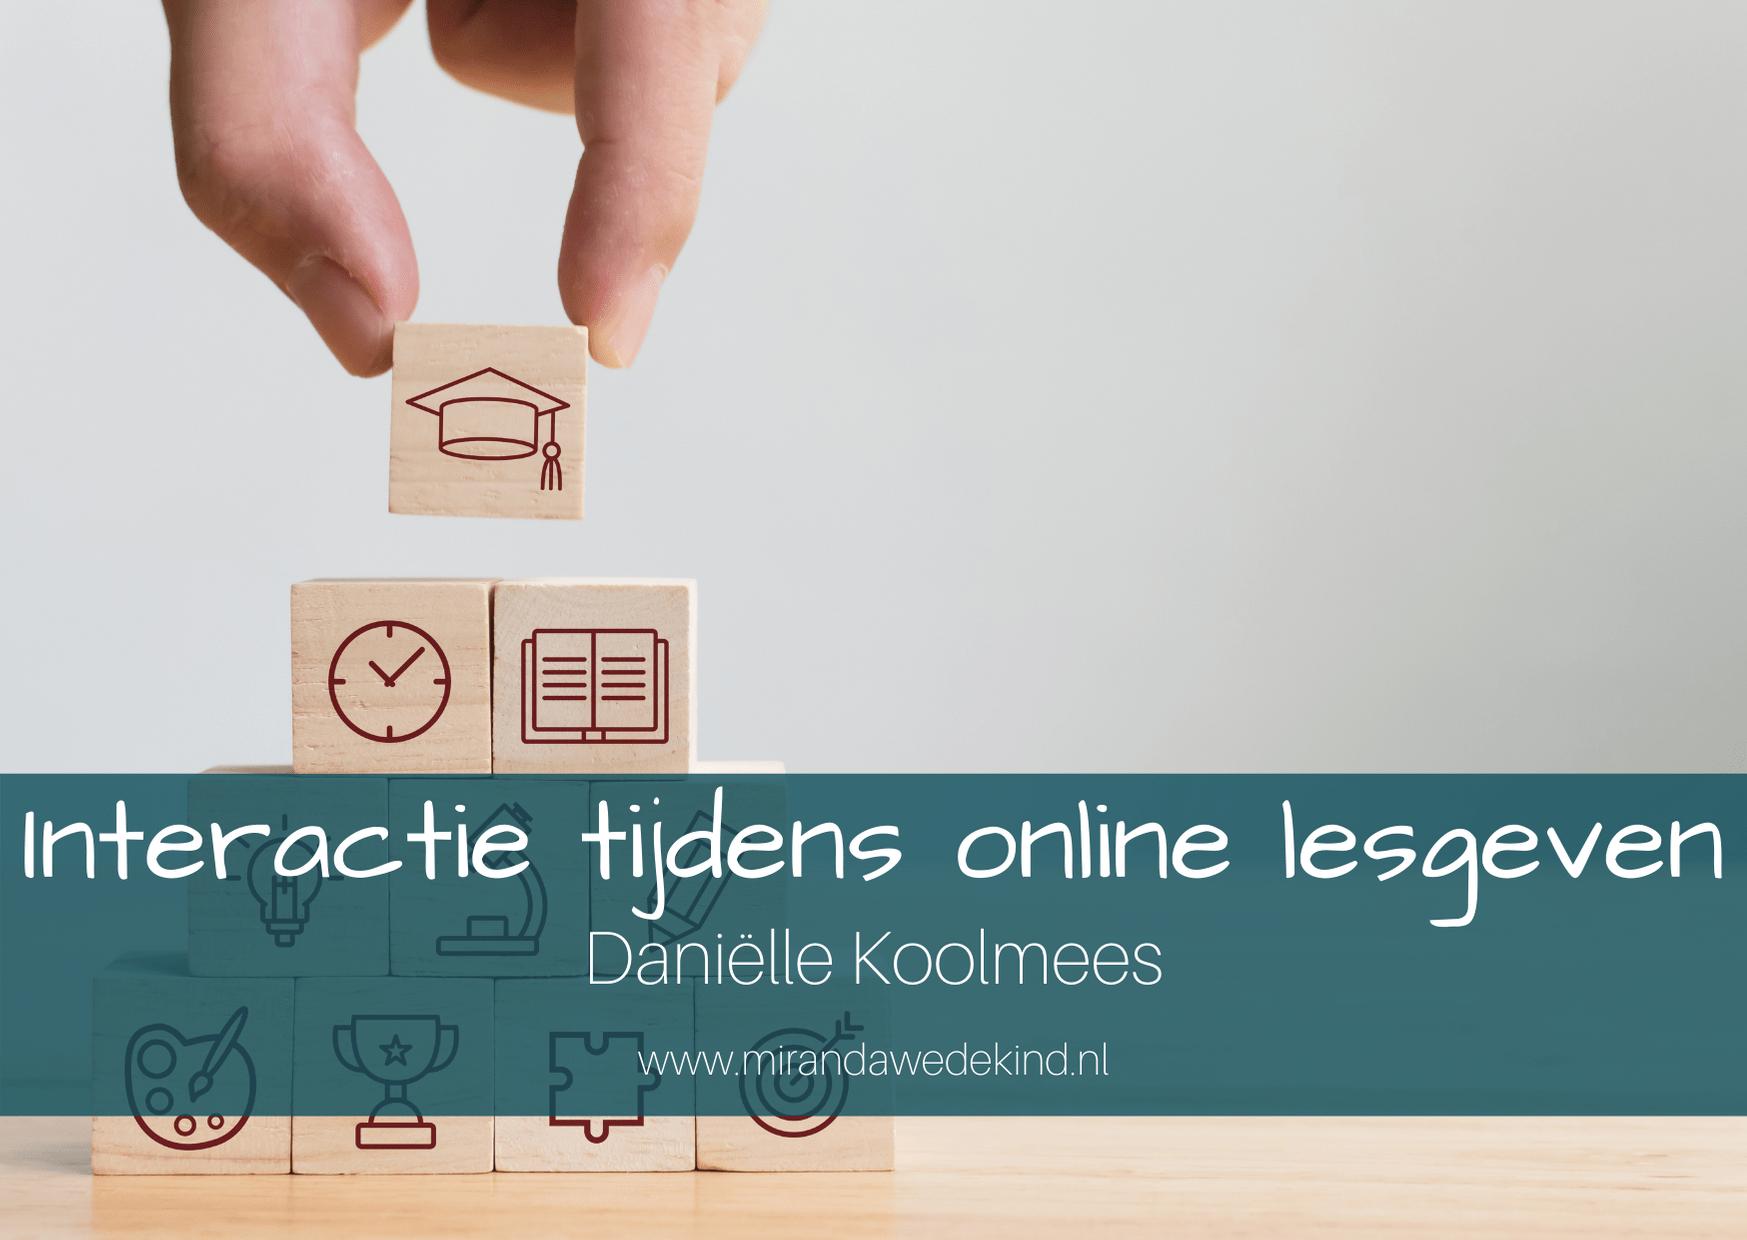 Onderwijs op afstand: Interactie tijdens online lesgeven